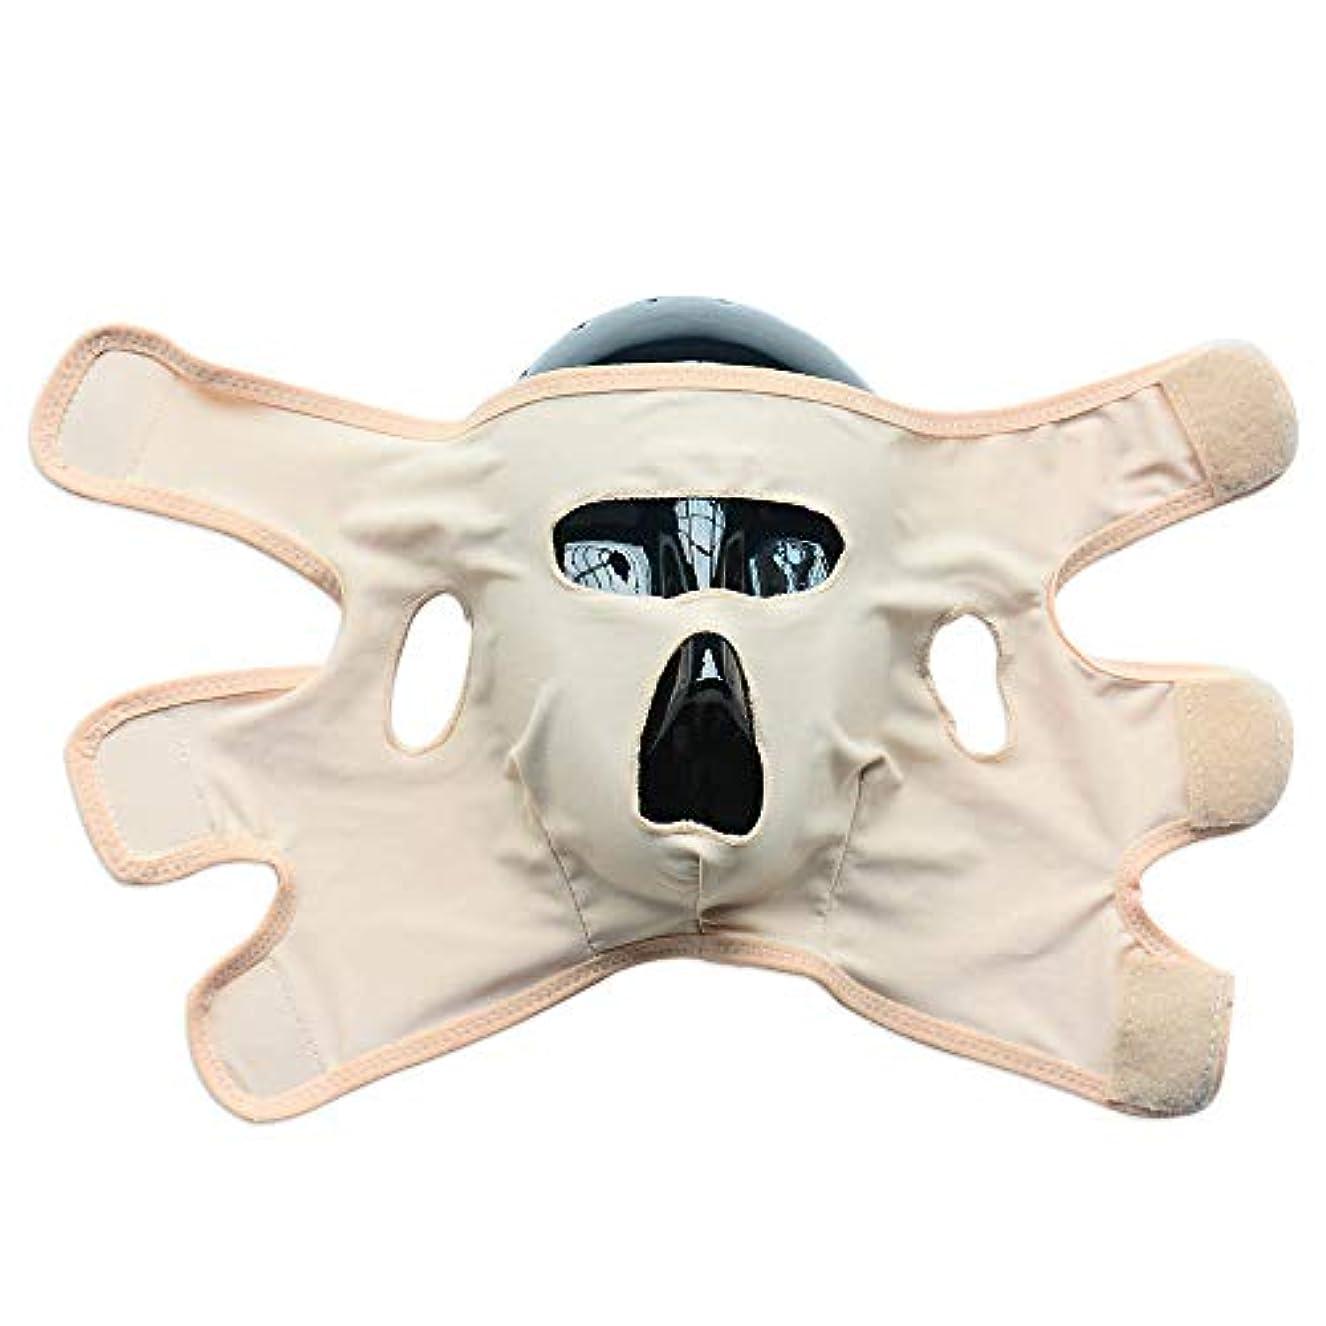 タイル遮るマスタードフェイススリミングマスク、ダブルチンレデューサー、リンクルVフェイスチンチークリフトアップスリミングスリムマスク超薄型ベルトストラップバンドビューティーネックマスクフェイスリフトアップシンシェイプVフェイスラインベルト